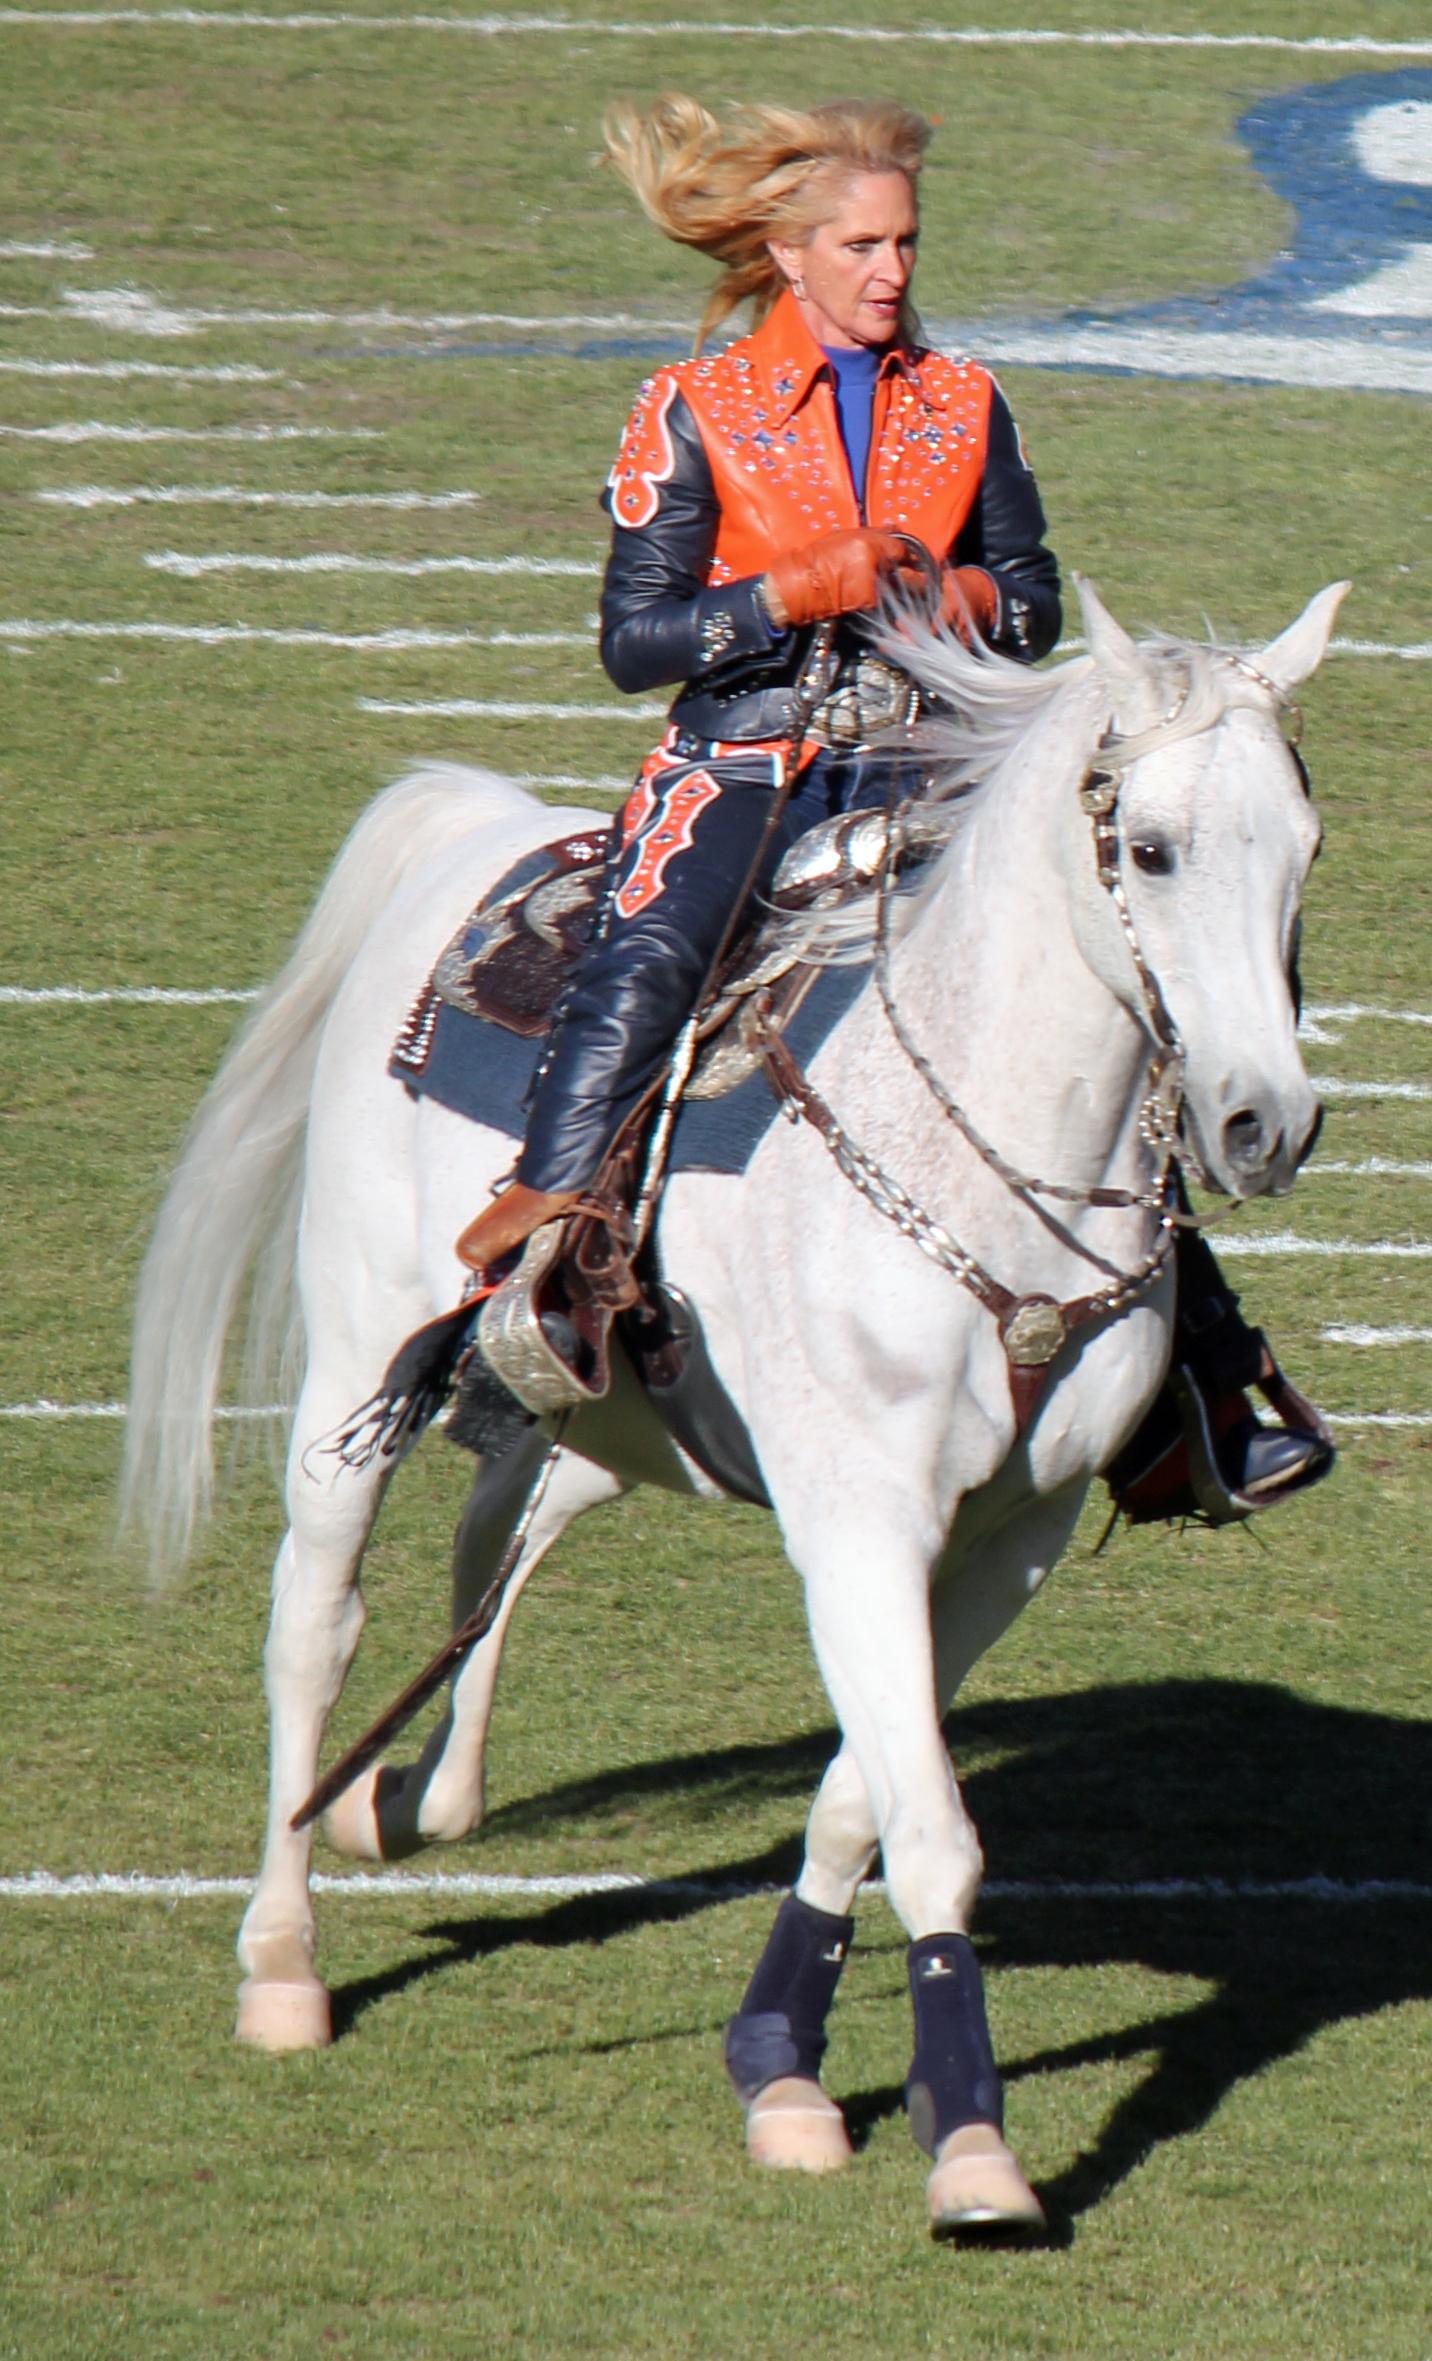 Thunder Mascot Wikipedia